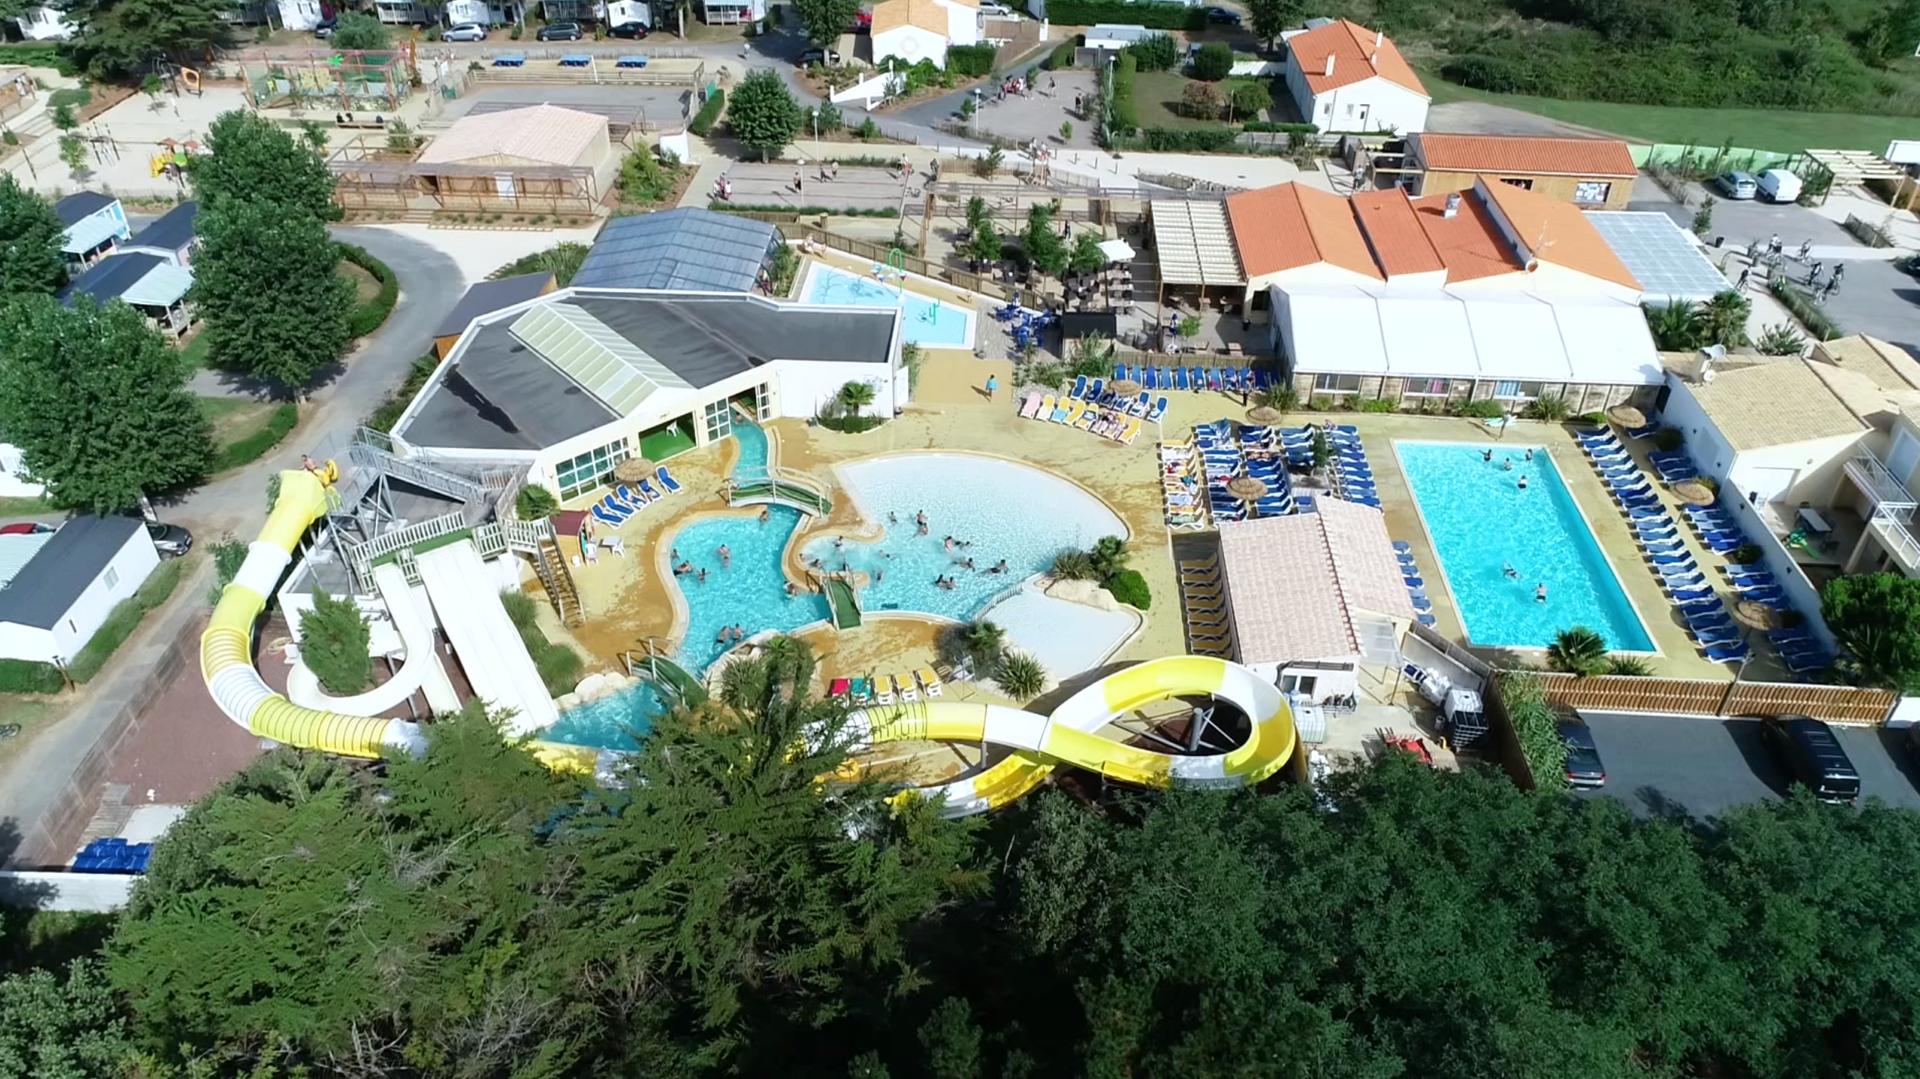 Vue aérienne Piscine Camping Domaine de l'Orée Sables d'Olonne